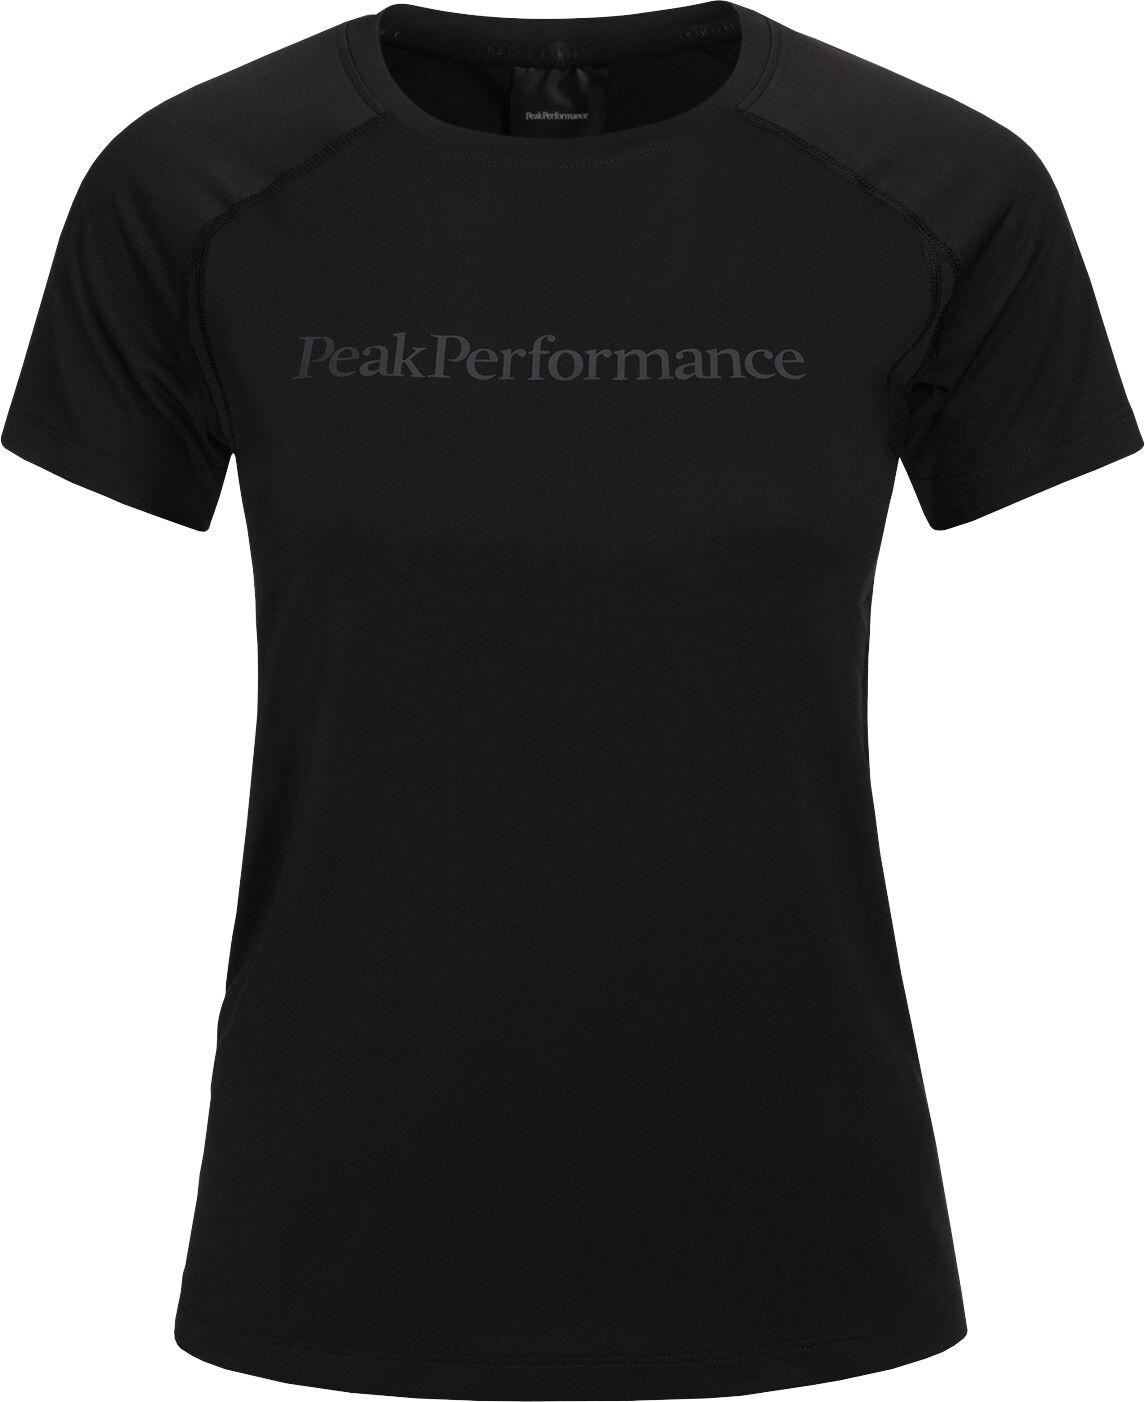 4a50262727f Peak Performance Gallos Co2 - T-shirt manches courtes Femme - noir ...